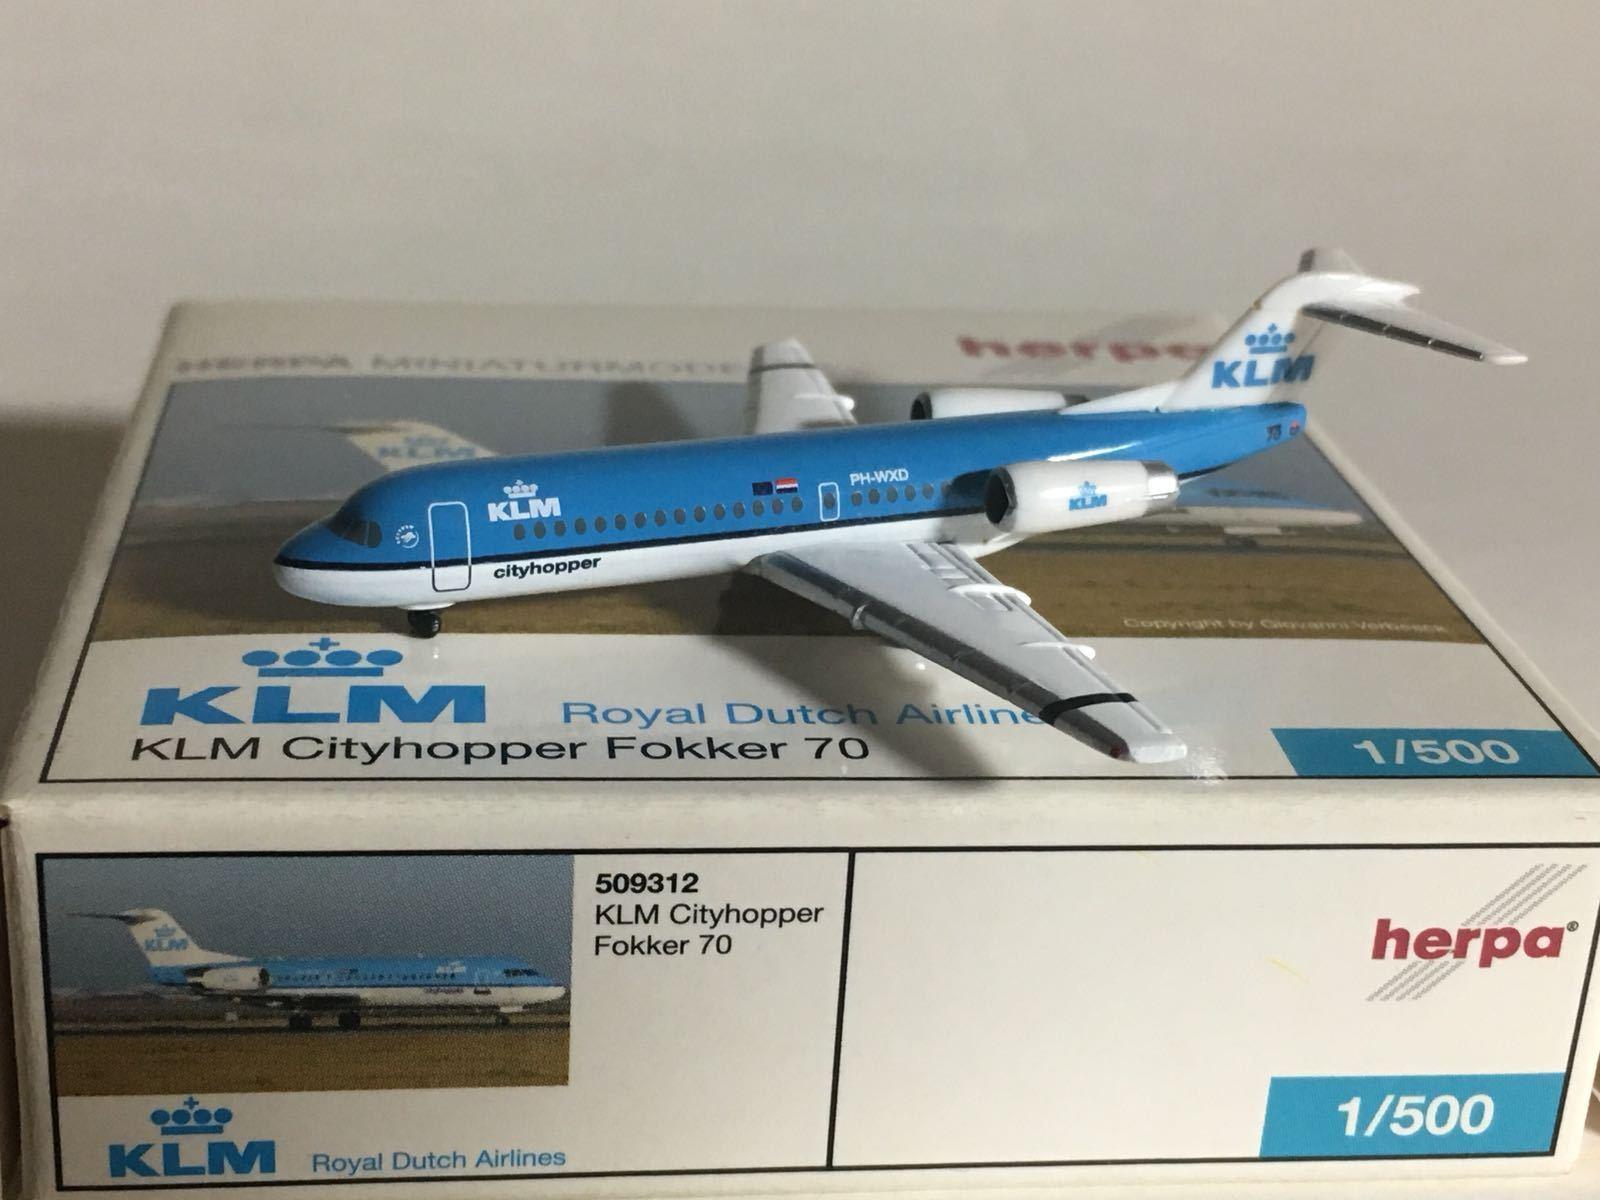 Las ventas en línea ahorran un 70%. Herpa Wings Wings Wings KLM Cityhopper Fokker 70 1 500 509312 ph-WXD  despacho de tienda